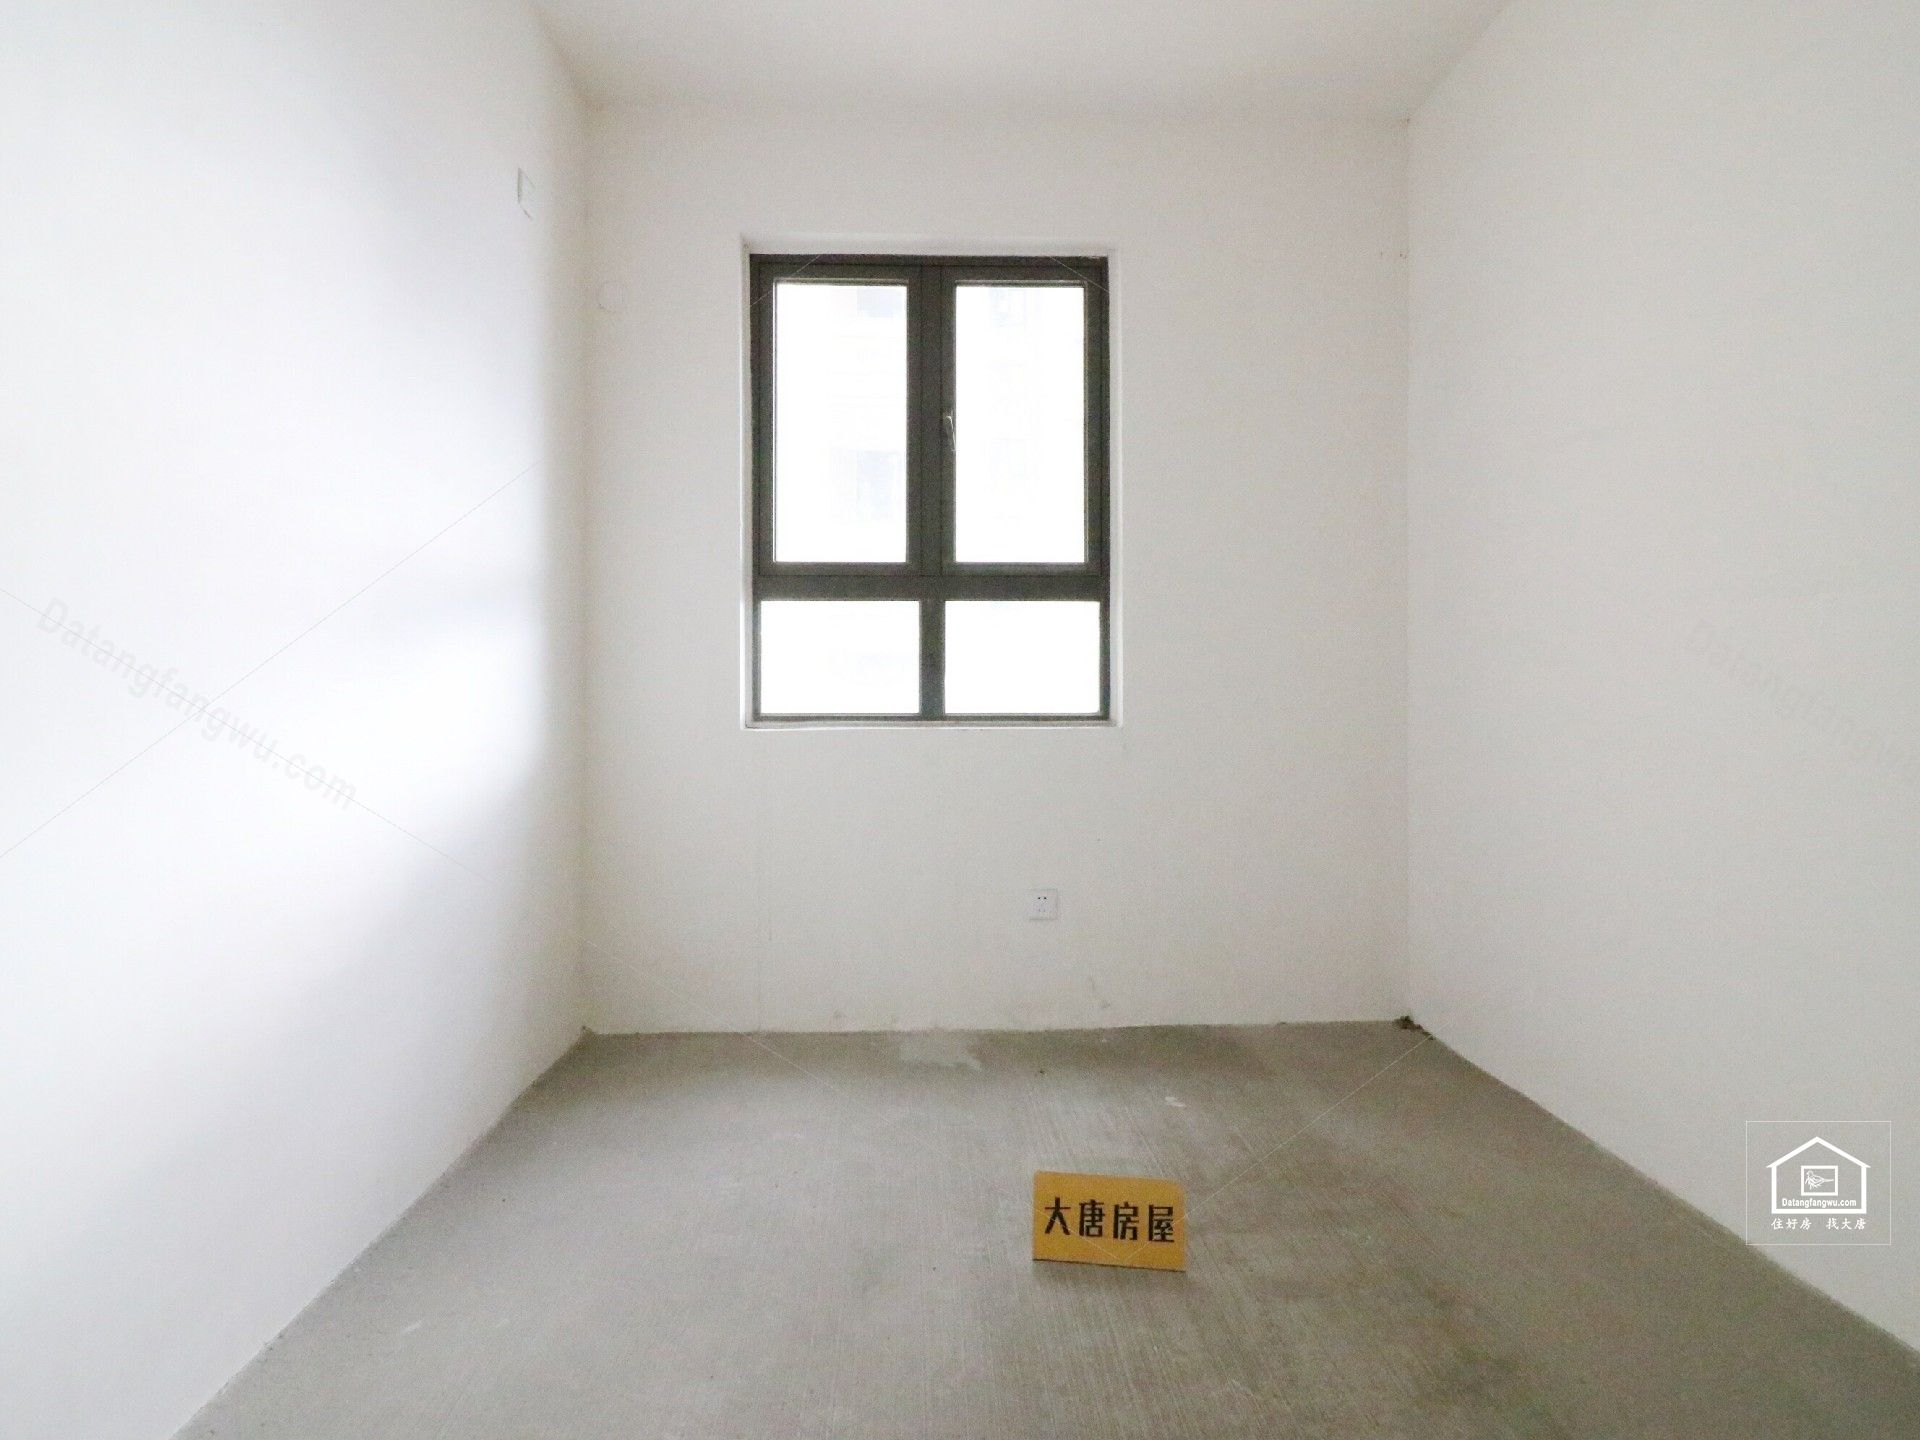 双流,华阳,南湖国际社区四期,3室2厅,164㎡